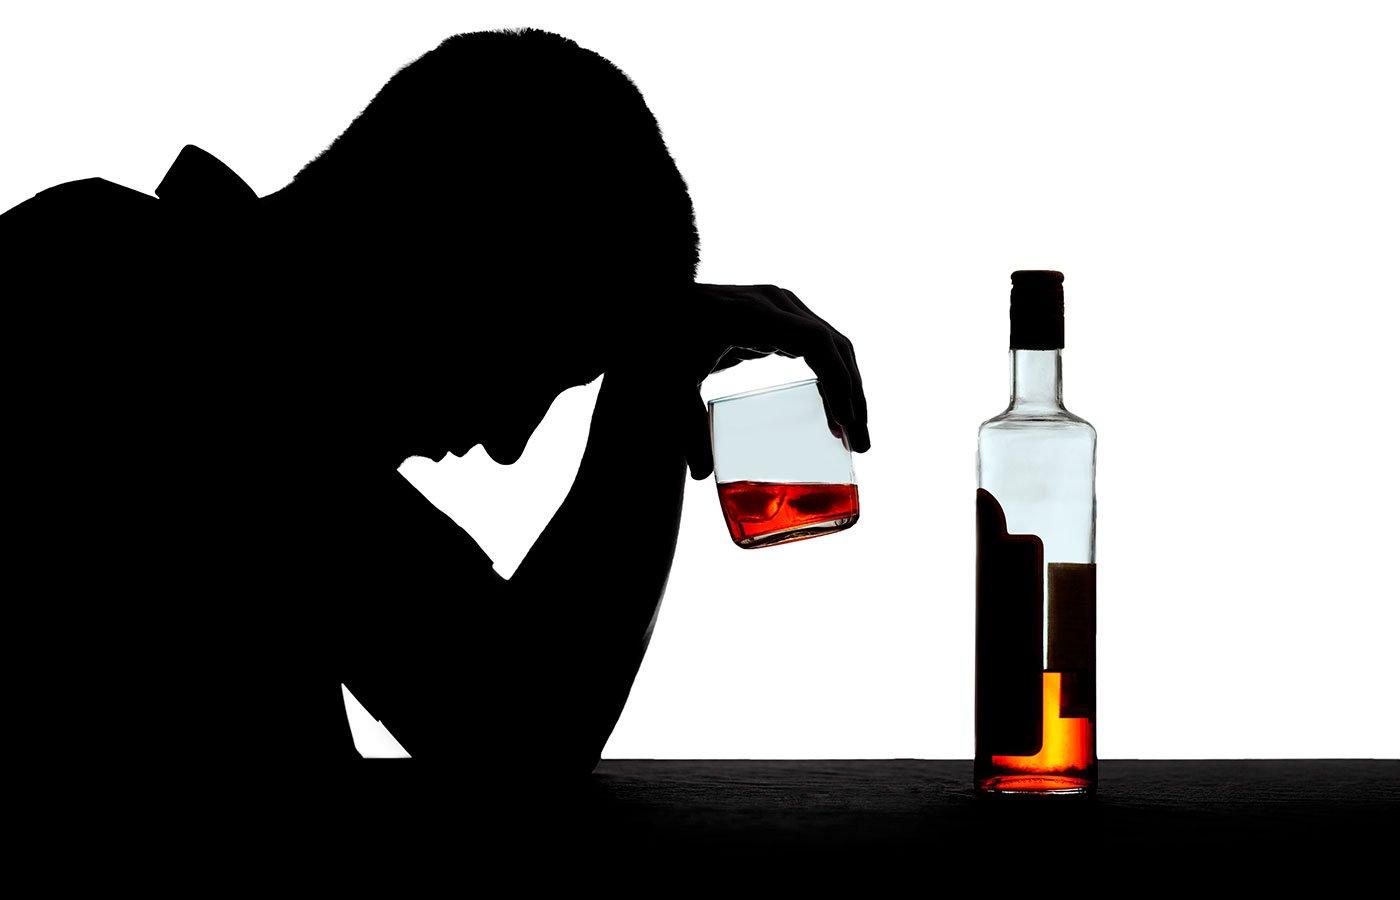 Открытки, пожелания другу в картинках прекратить принимать алкоголь